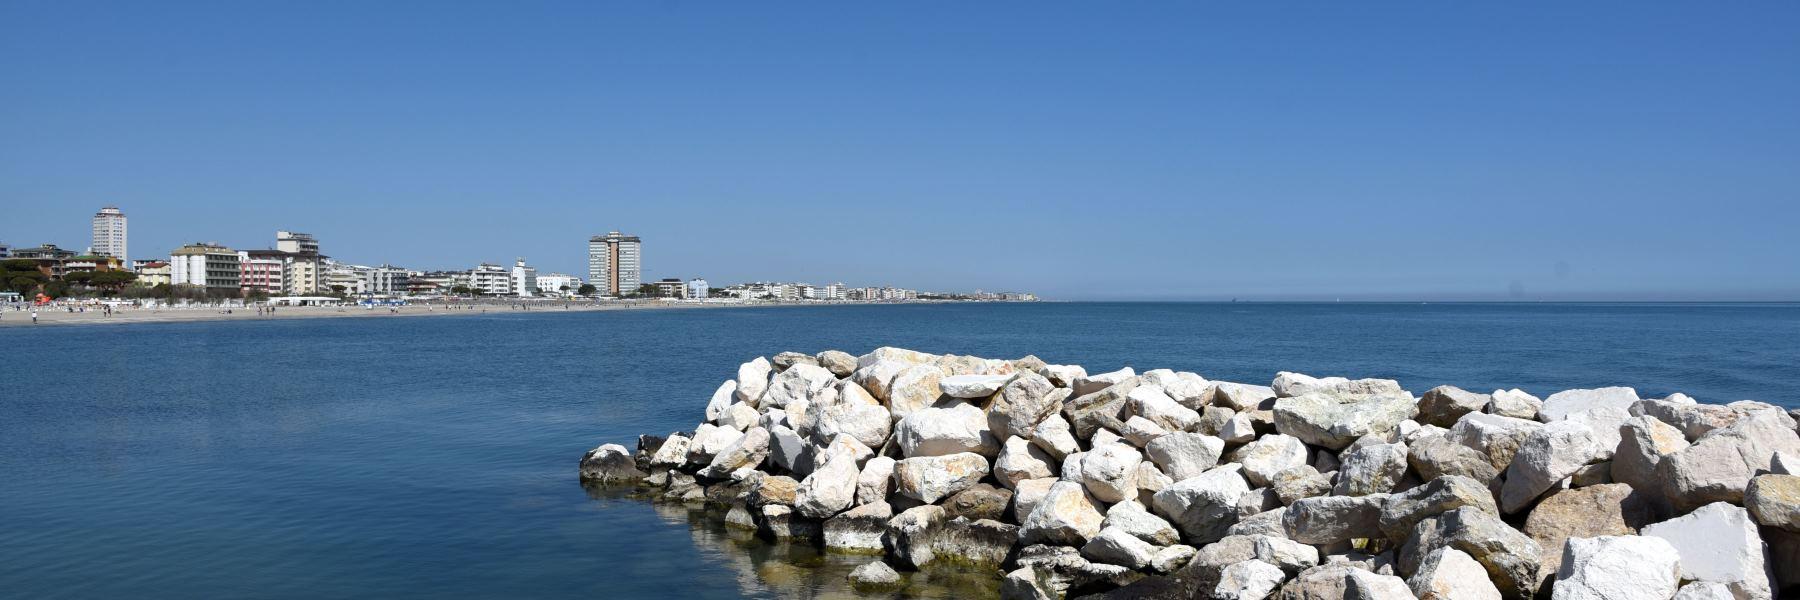 Meer und Strände